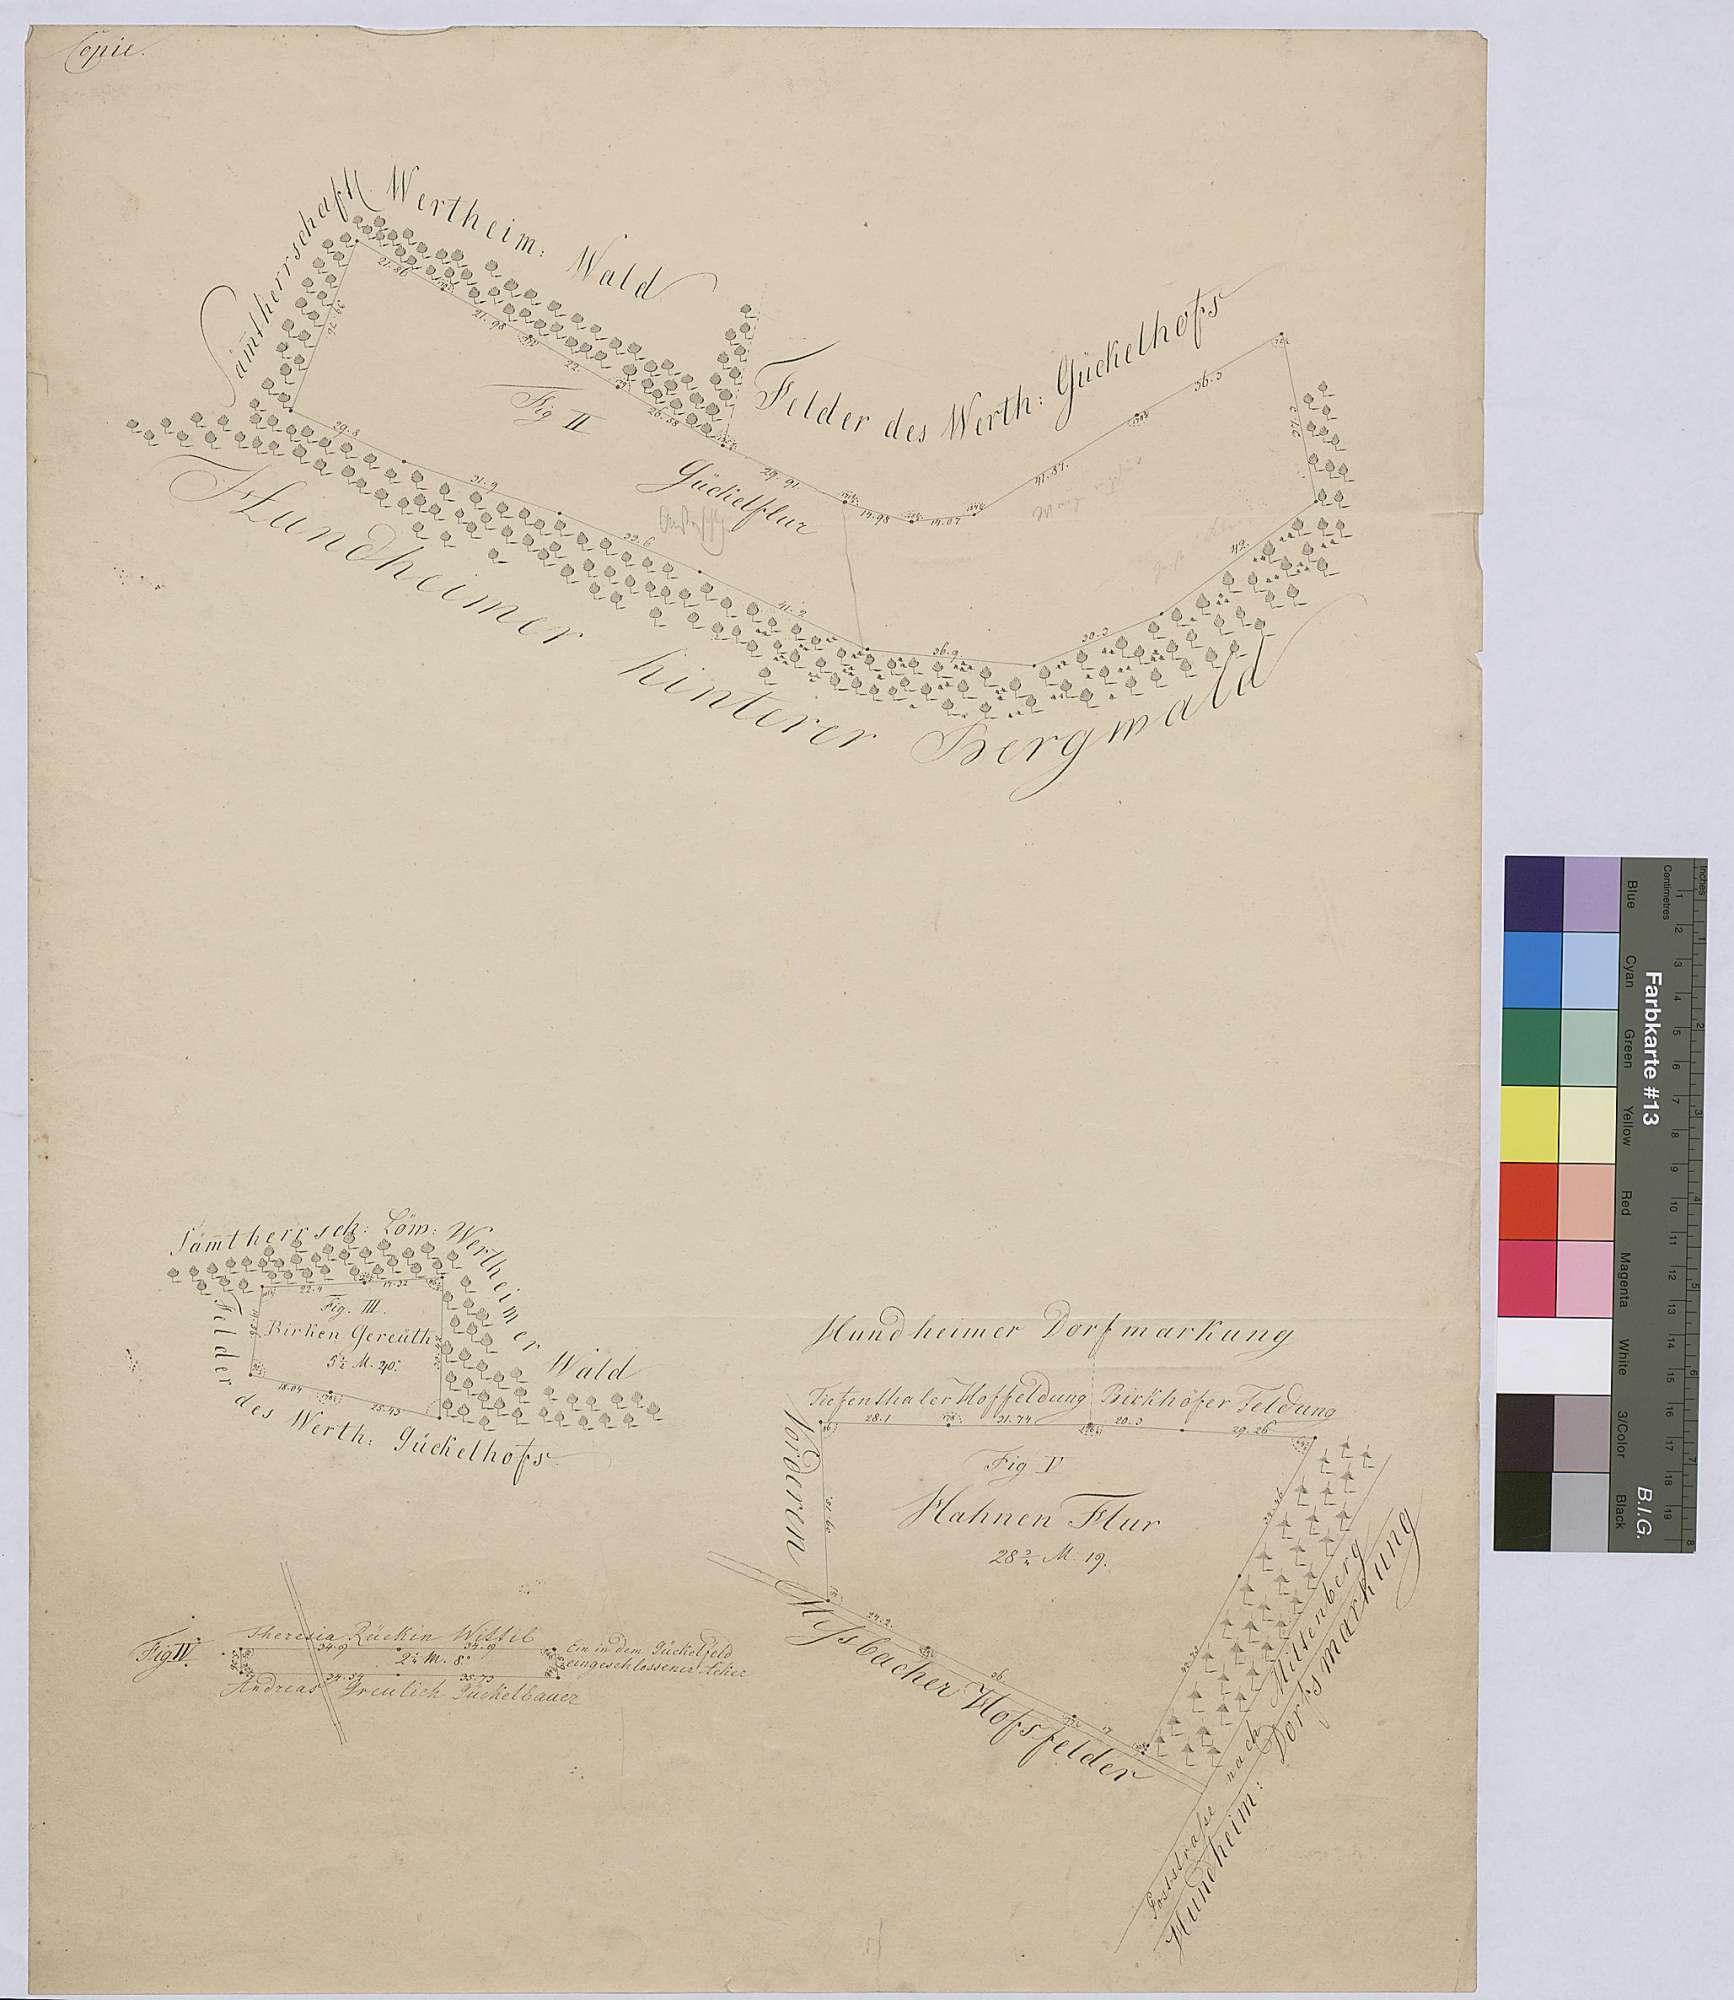 [Neuabsteinung einiger zum Hinteren Meßhof gehörender Wald- und Flurstücke im und beim Steinbacher Forst] (Inselkarte), Bild 1